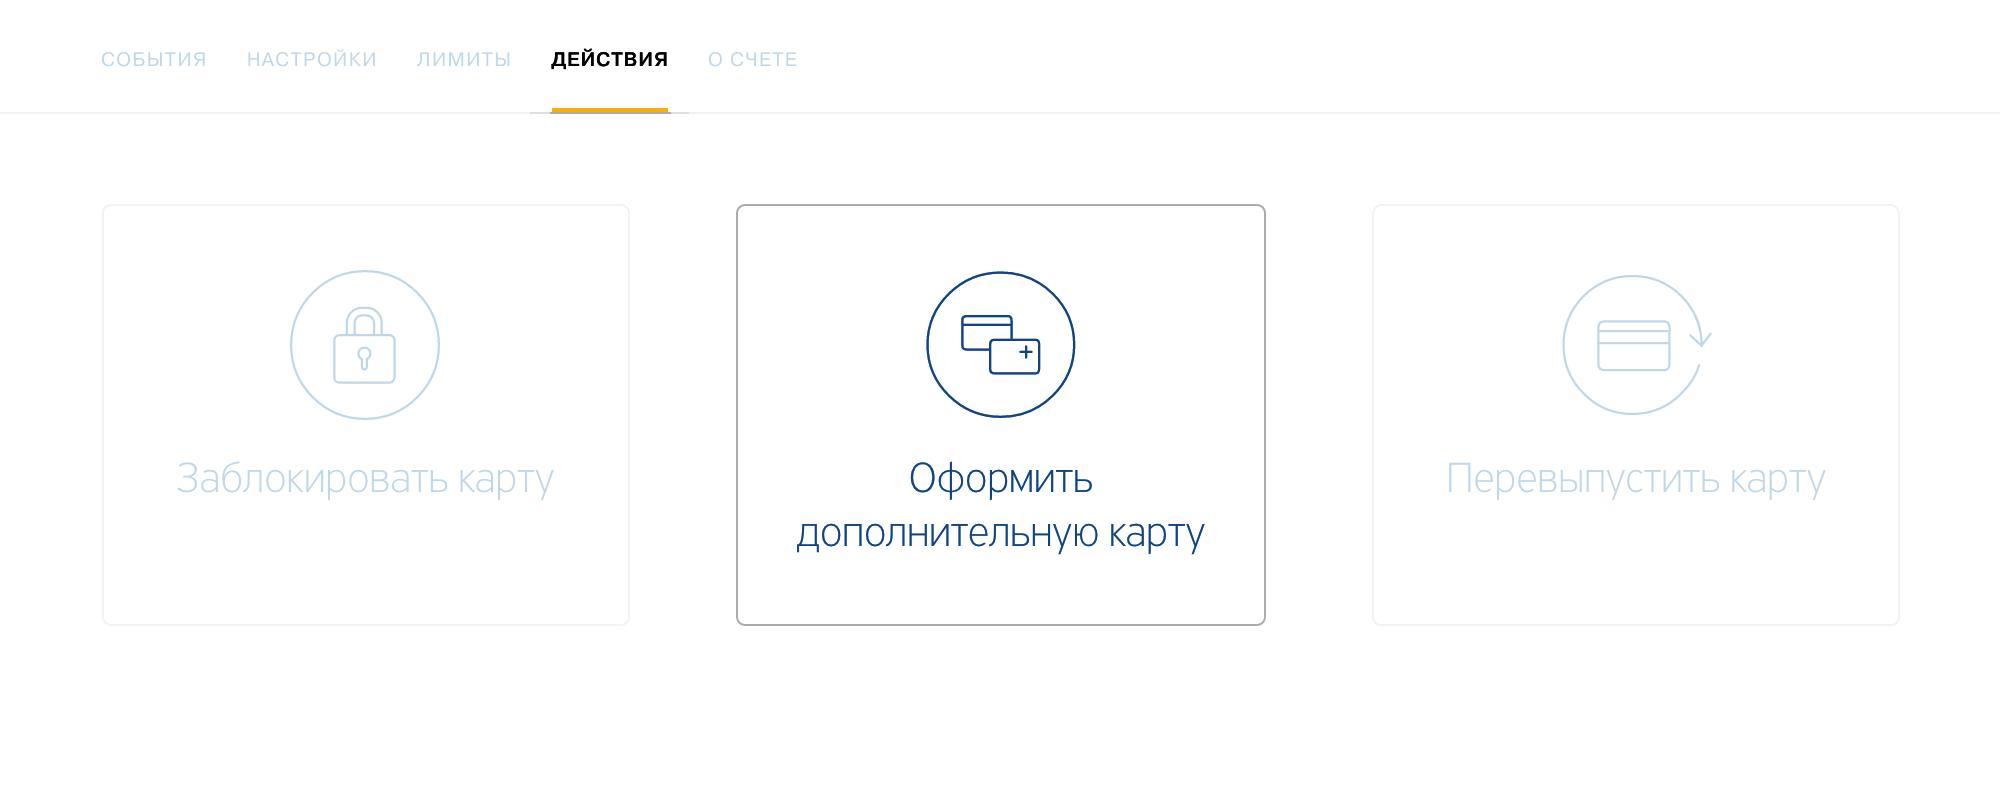 Важно знать: Как защитить банковскую карточку от мошенников (инструкция), Севастопольское Агентство Новостей